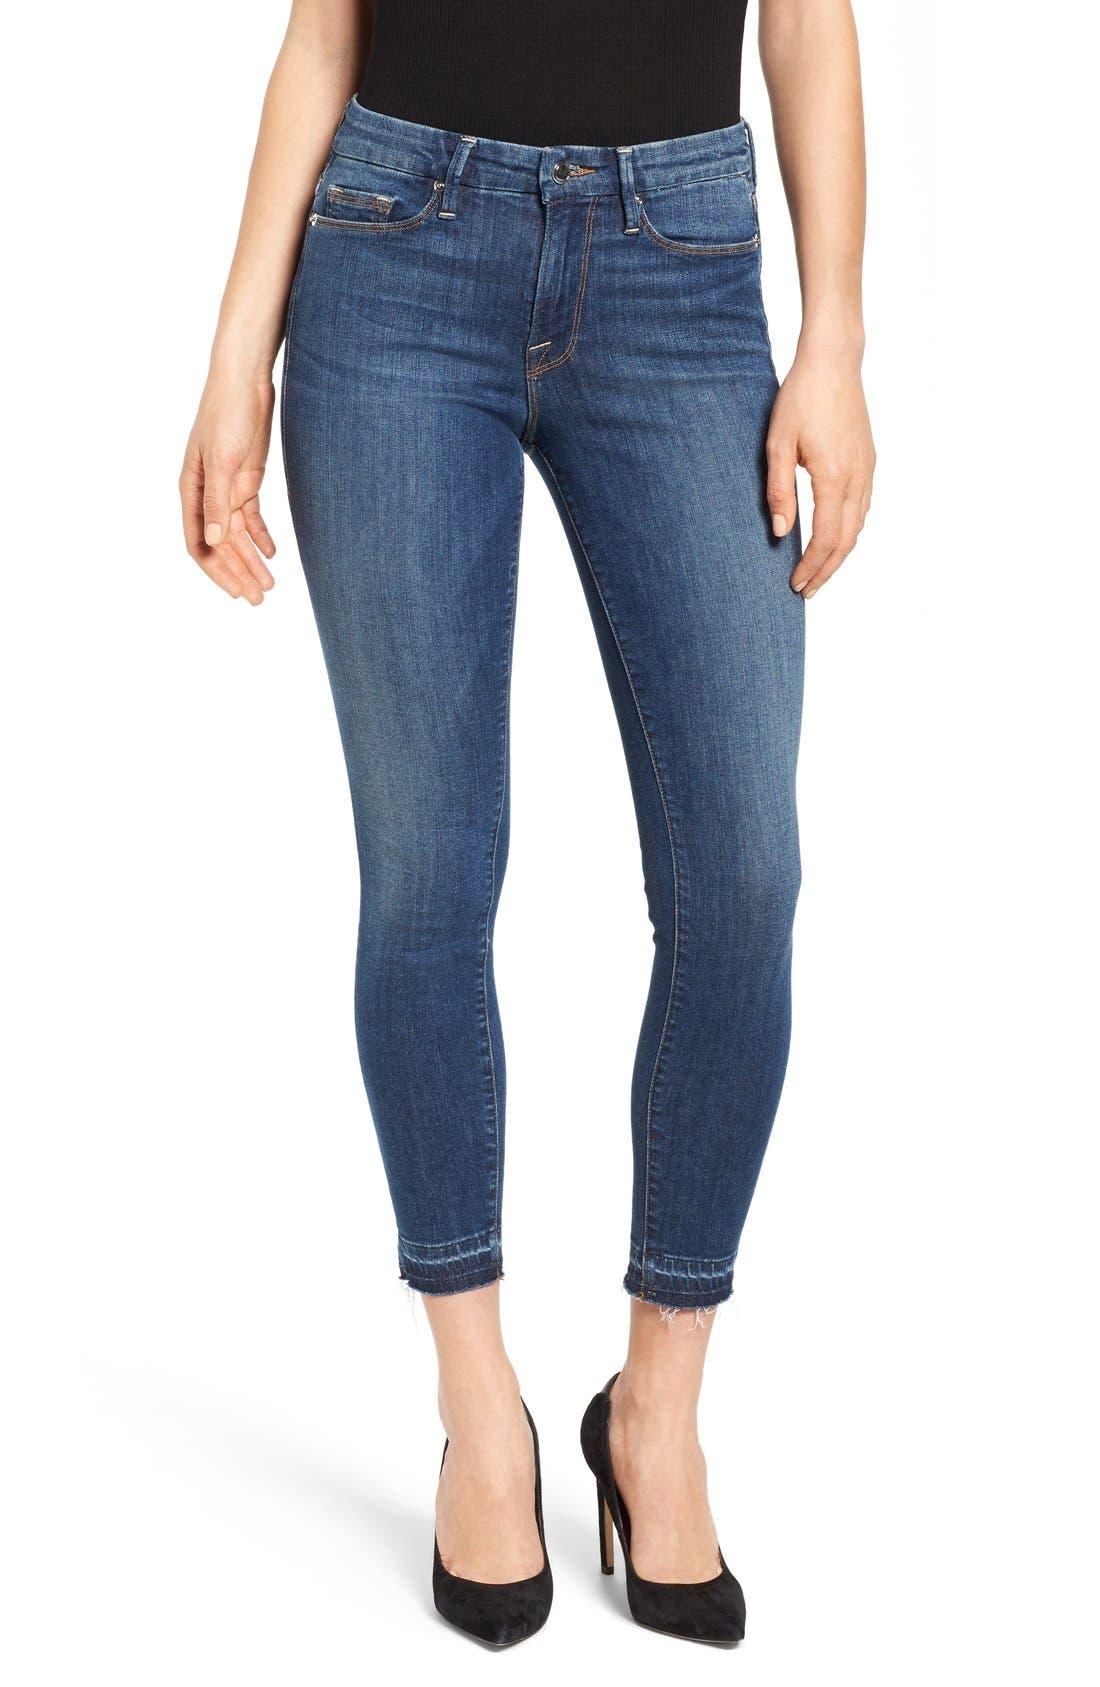 Alternate Image 1 Selected - Good American Good Legs High Rise Crop Released Hem Skinny Jeans